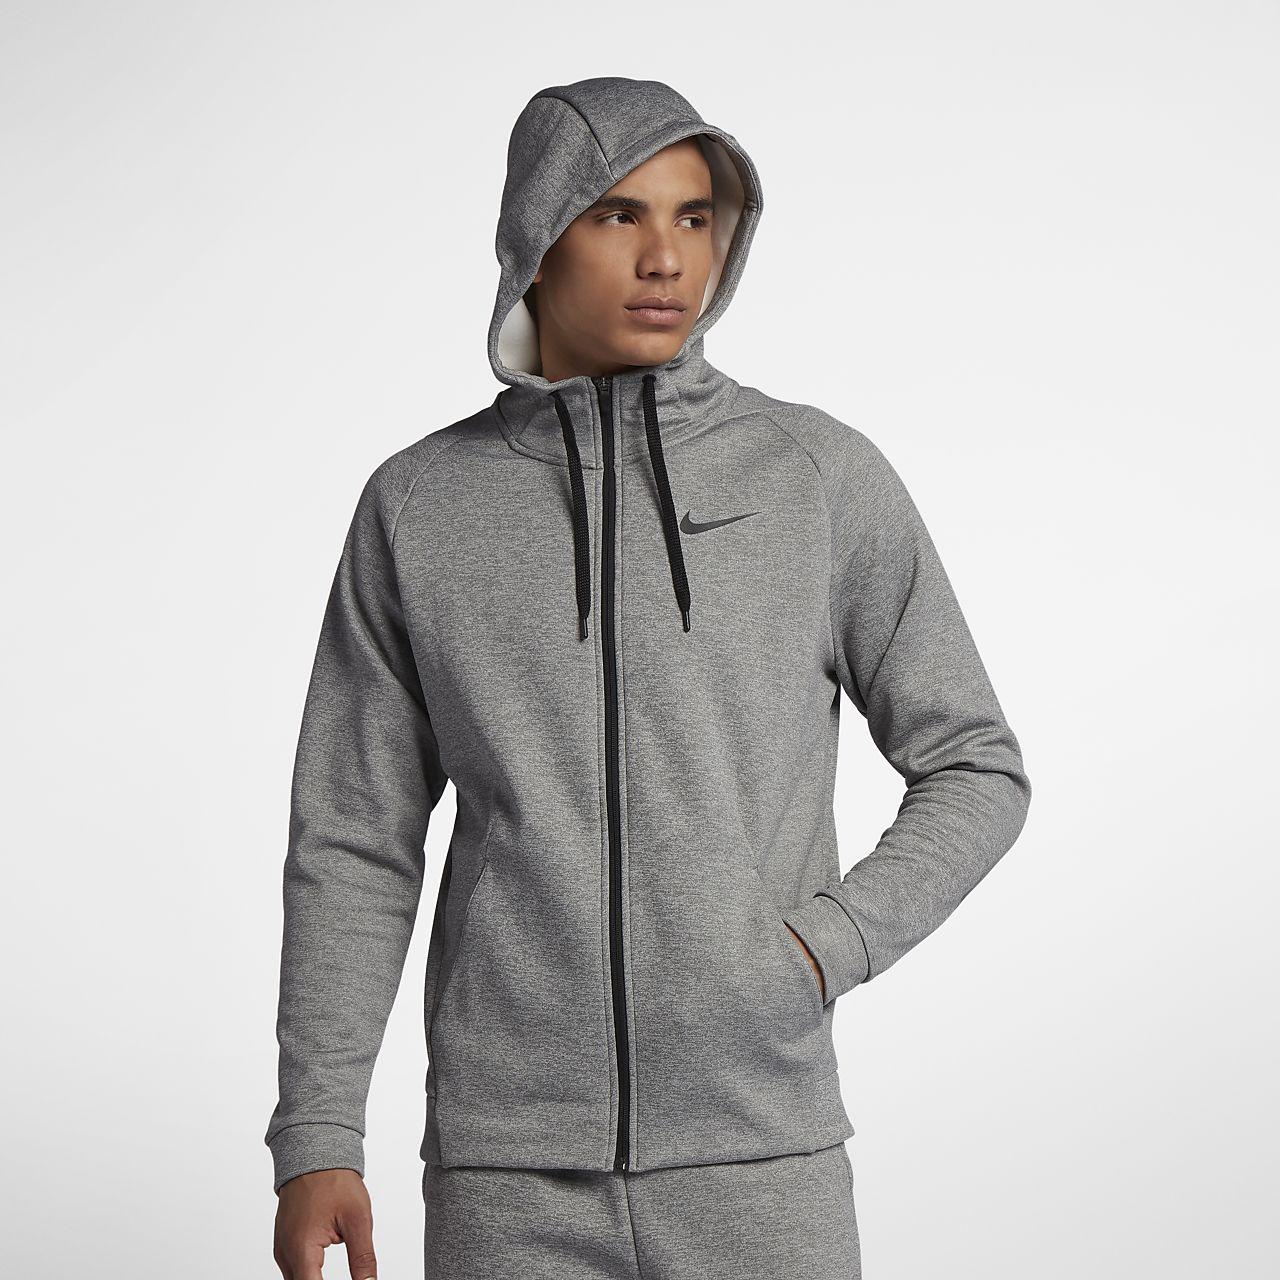 Nike Dri-FIT Therma Trainings-Hoodie mit durchgehendem Reißverschluss für Herren